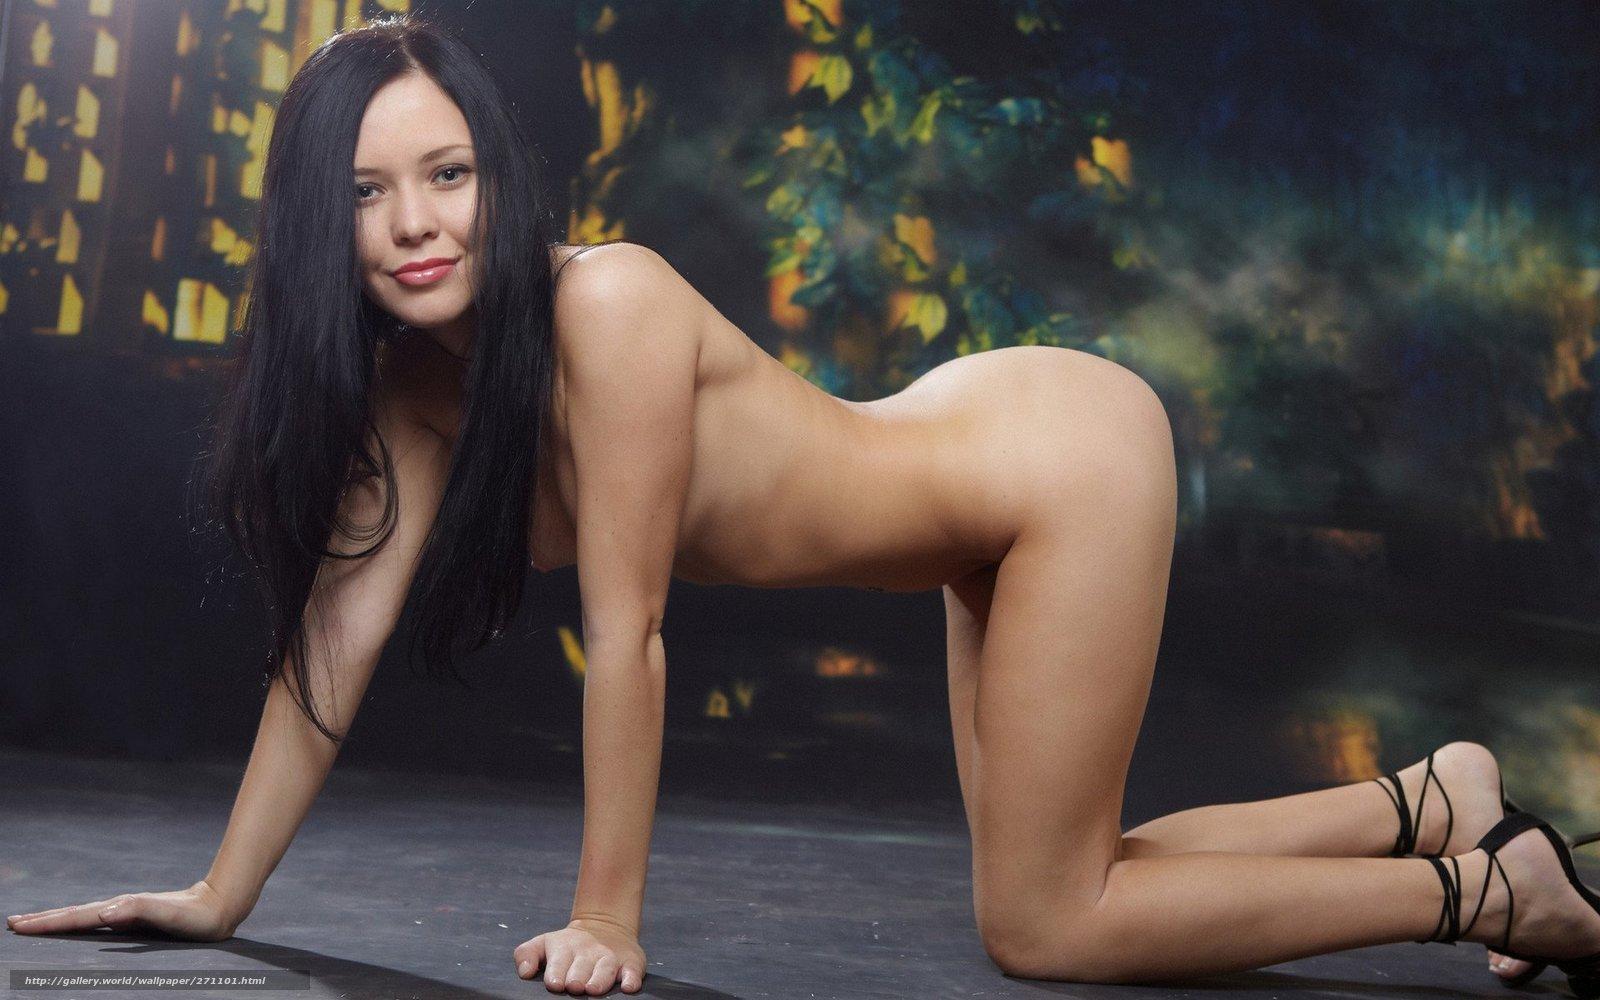 Фото полной голай девушки 1 фотография